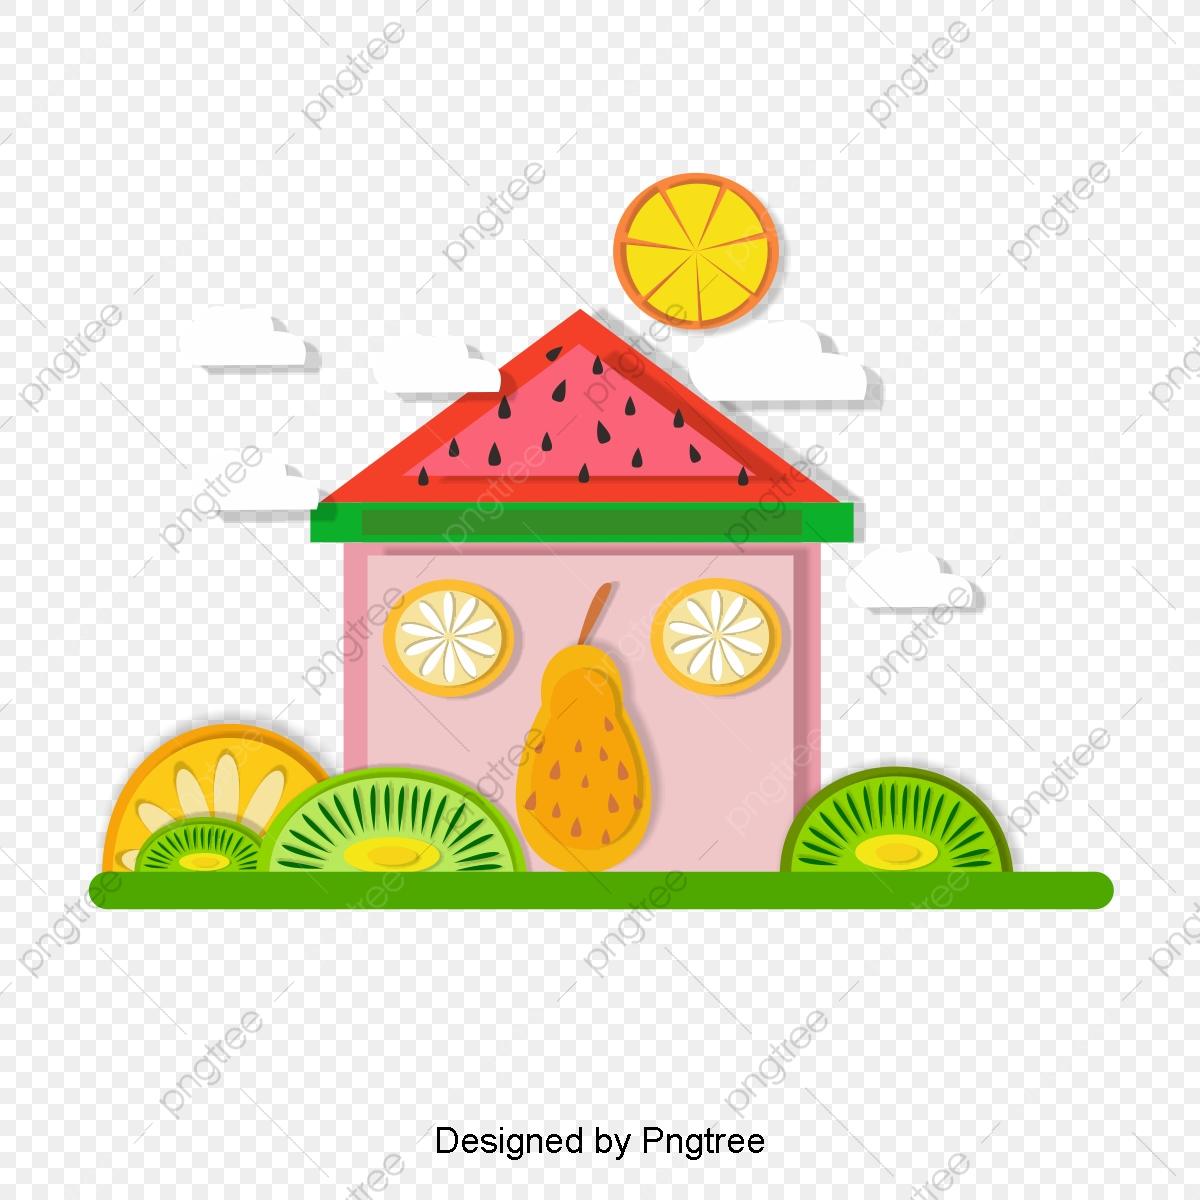 Watermelon clipart house. Simple natural landscape element